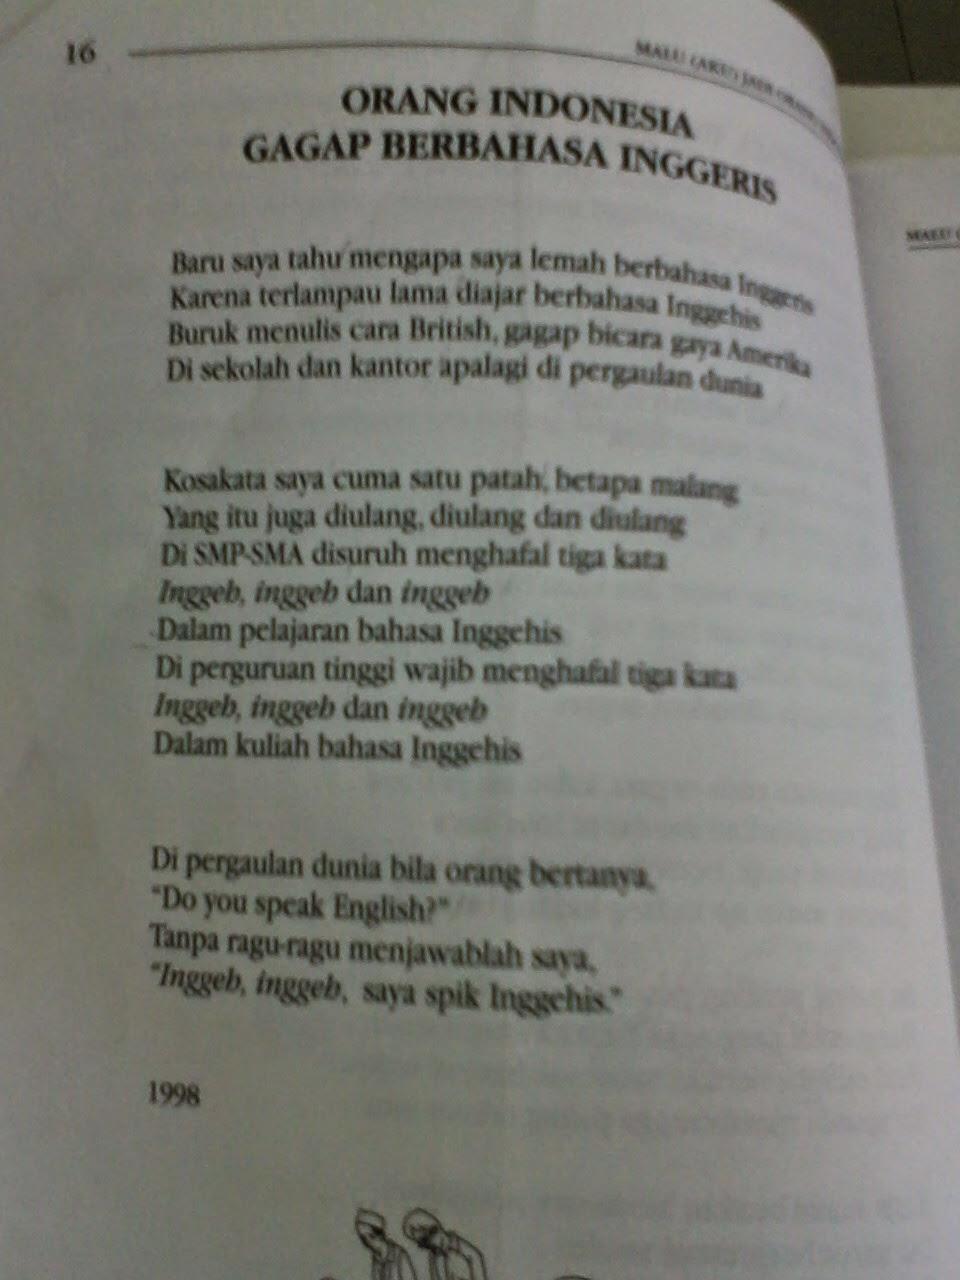 zackysedan.com Berbahasa Inggehis